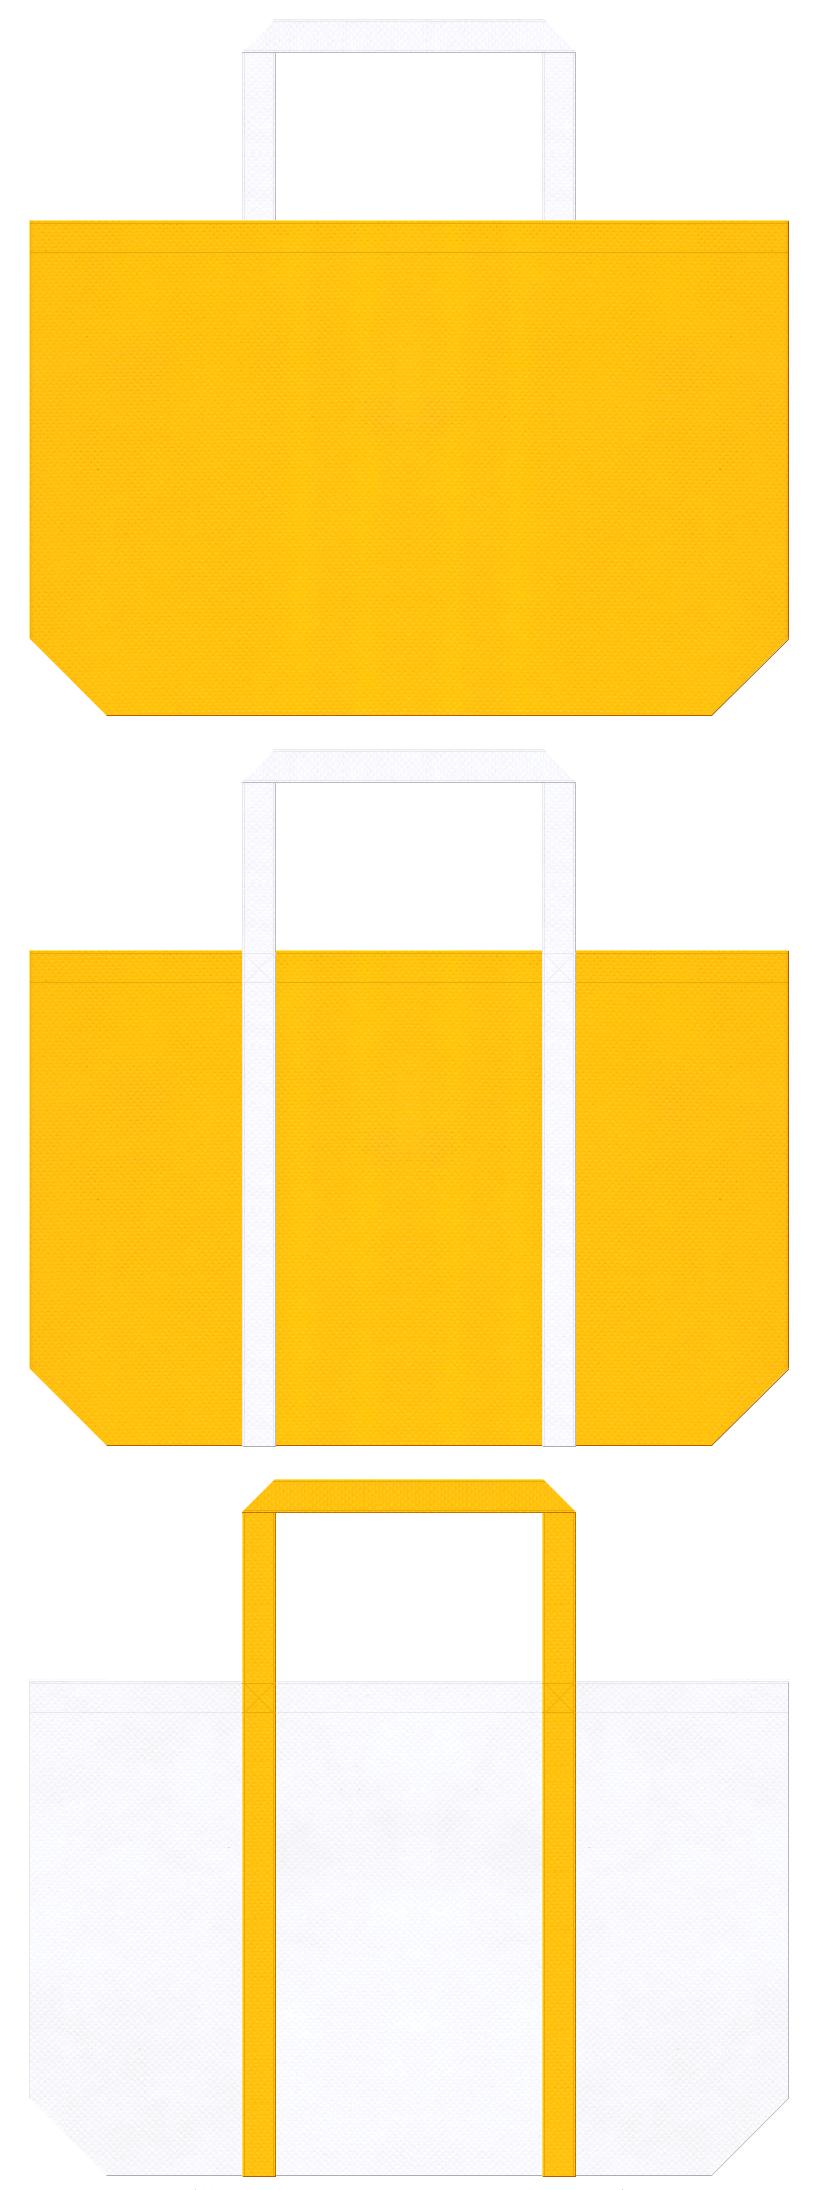 黄色と白色の不織布ショッピングバッグデザイン。レモンのイメージにお奨めの配色です。